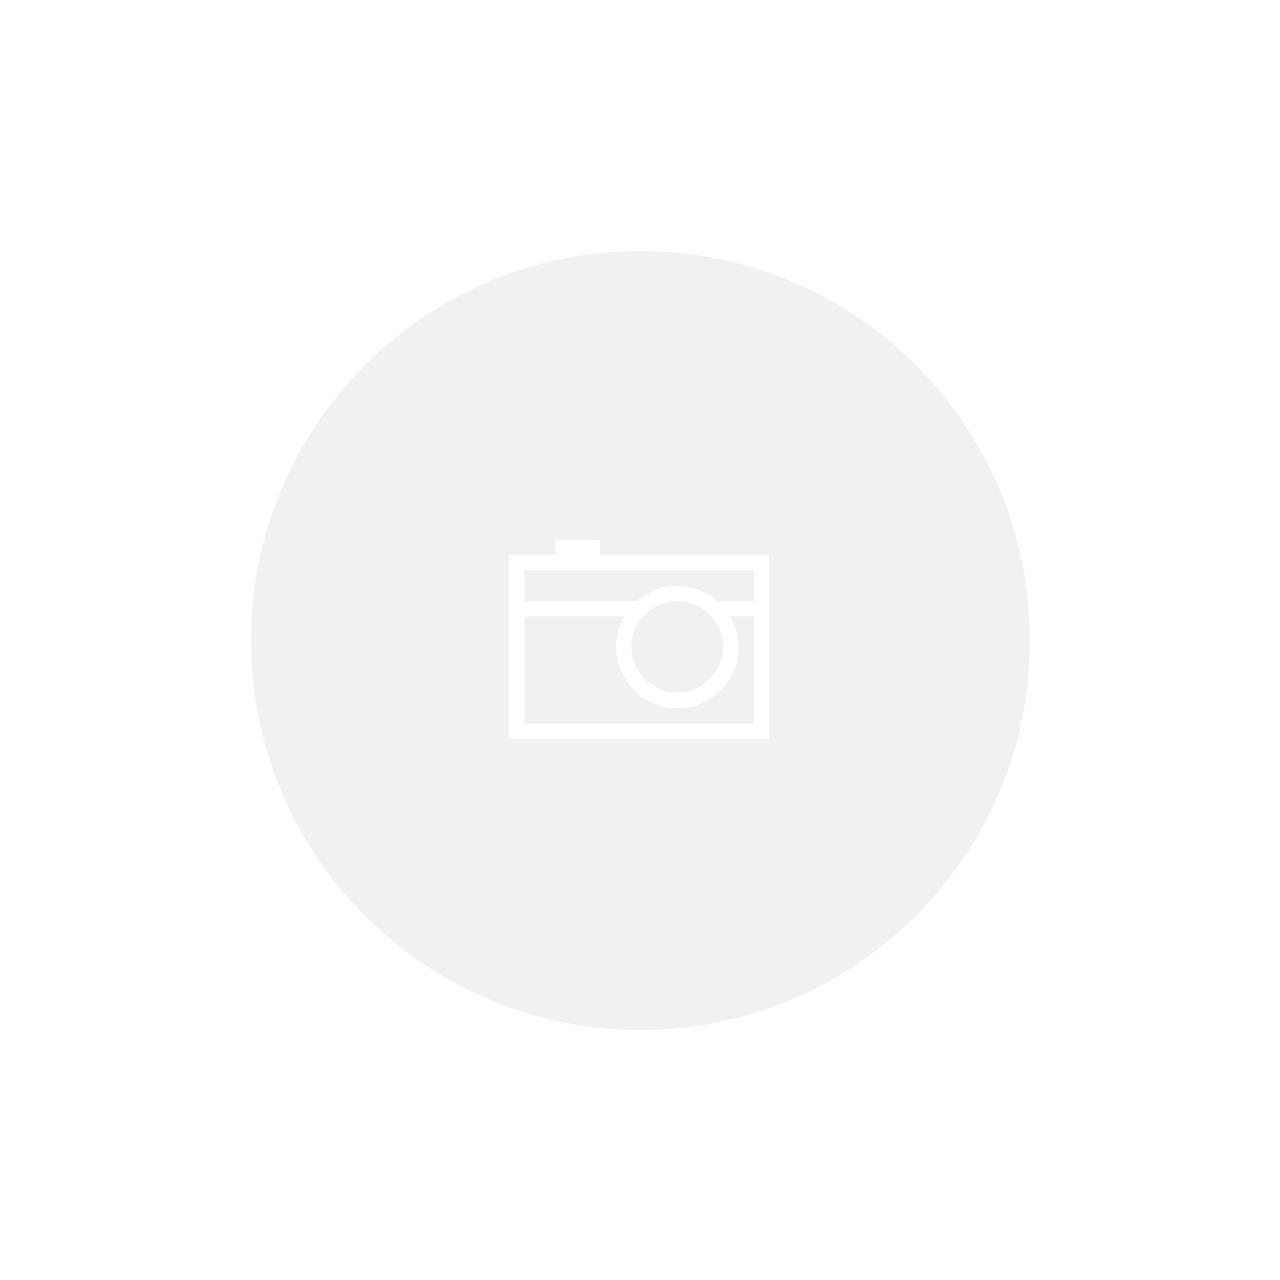 Coifa de Parede em Aco Inox New Dritta 60cm 110v Tramontina